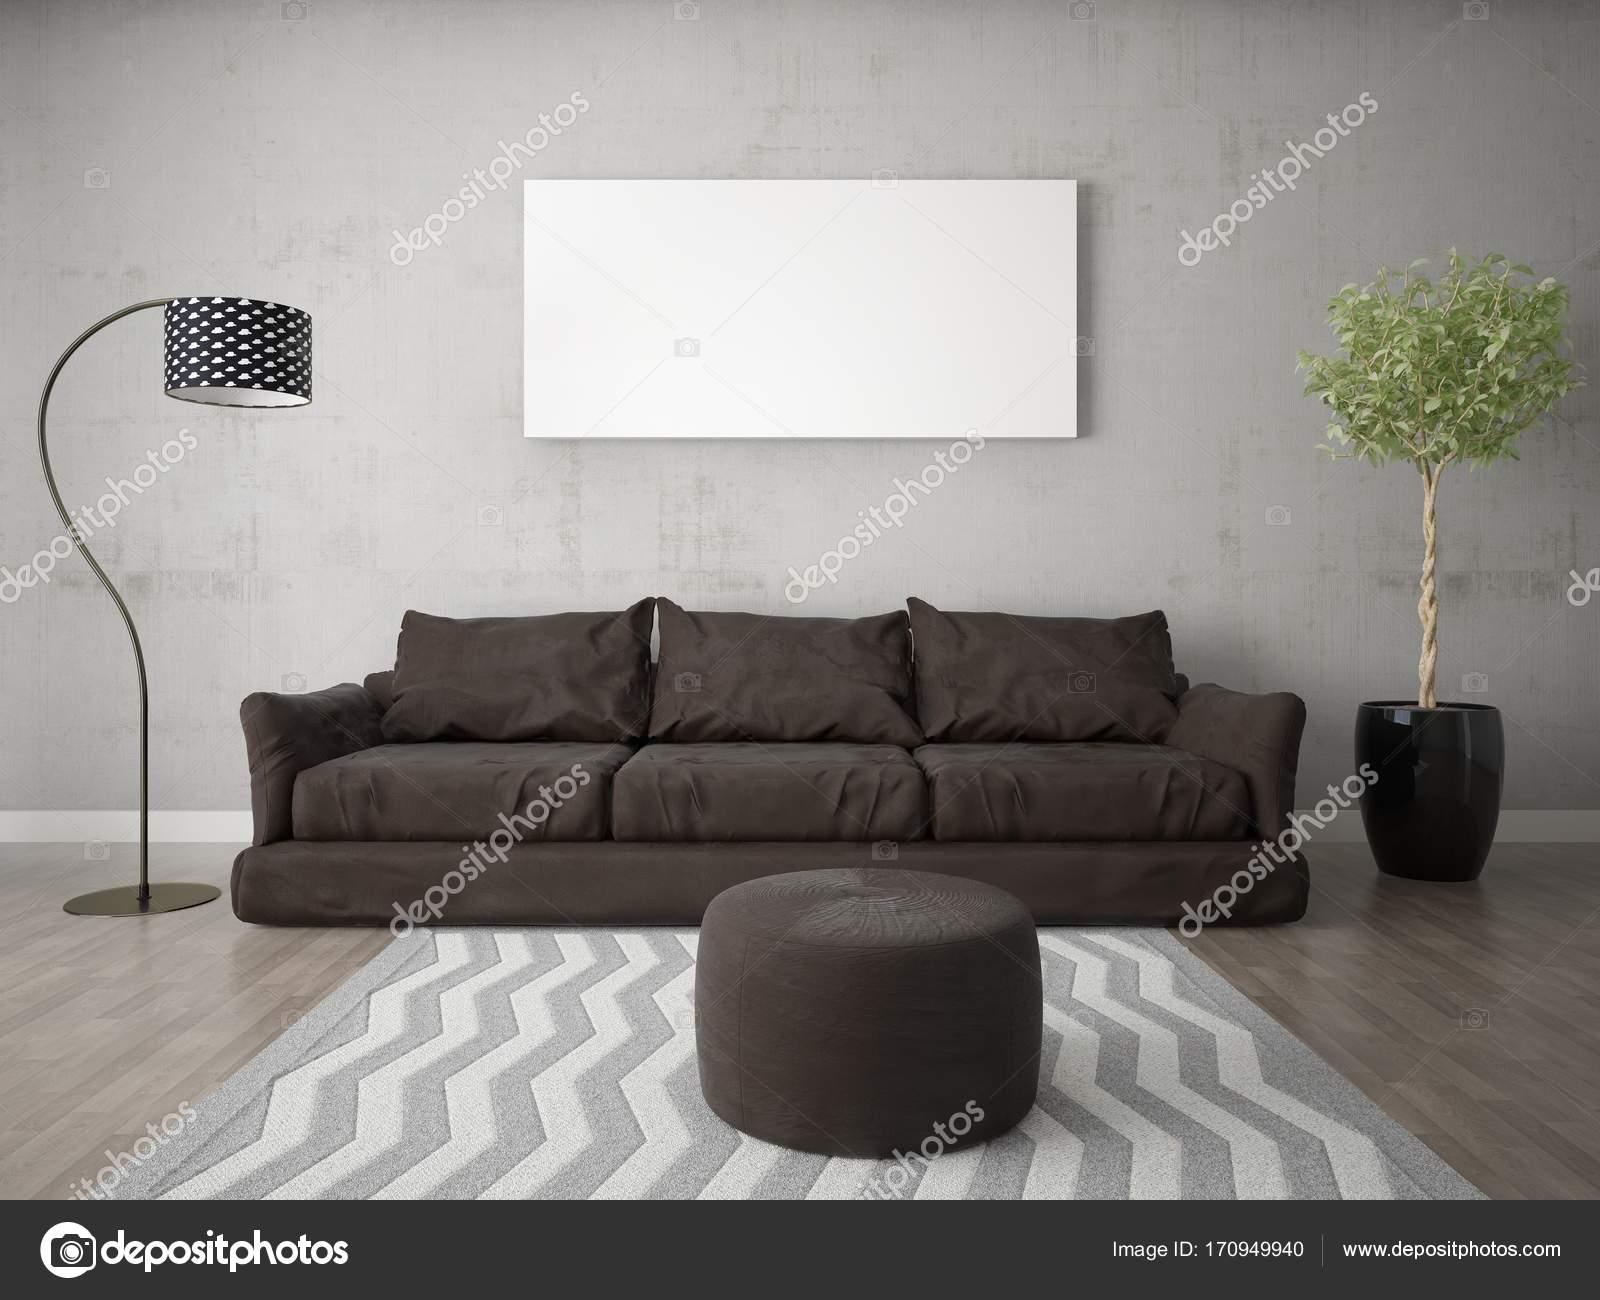 Exklusiv Sofa mock up ein stilvolles wohnzimmer mit eine exklusive sofa